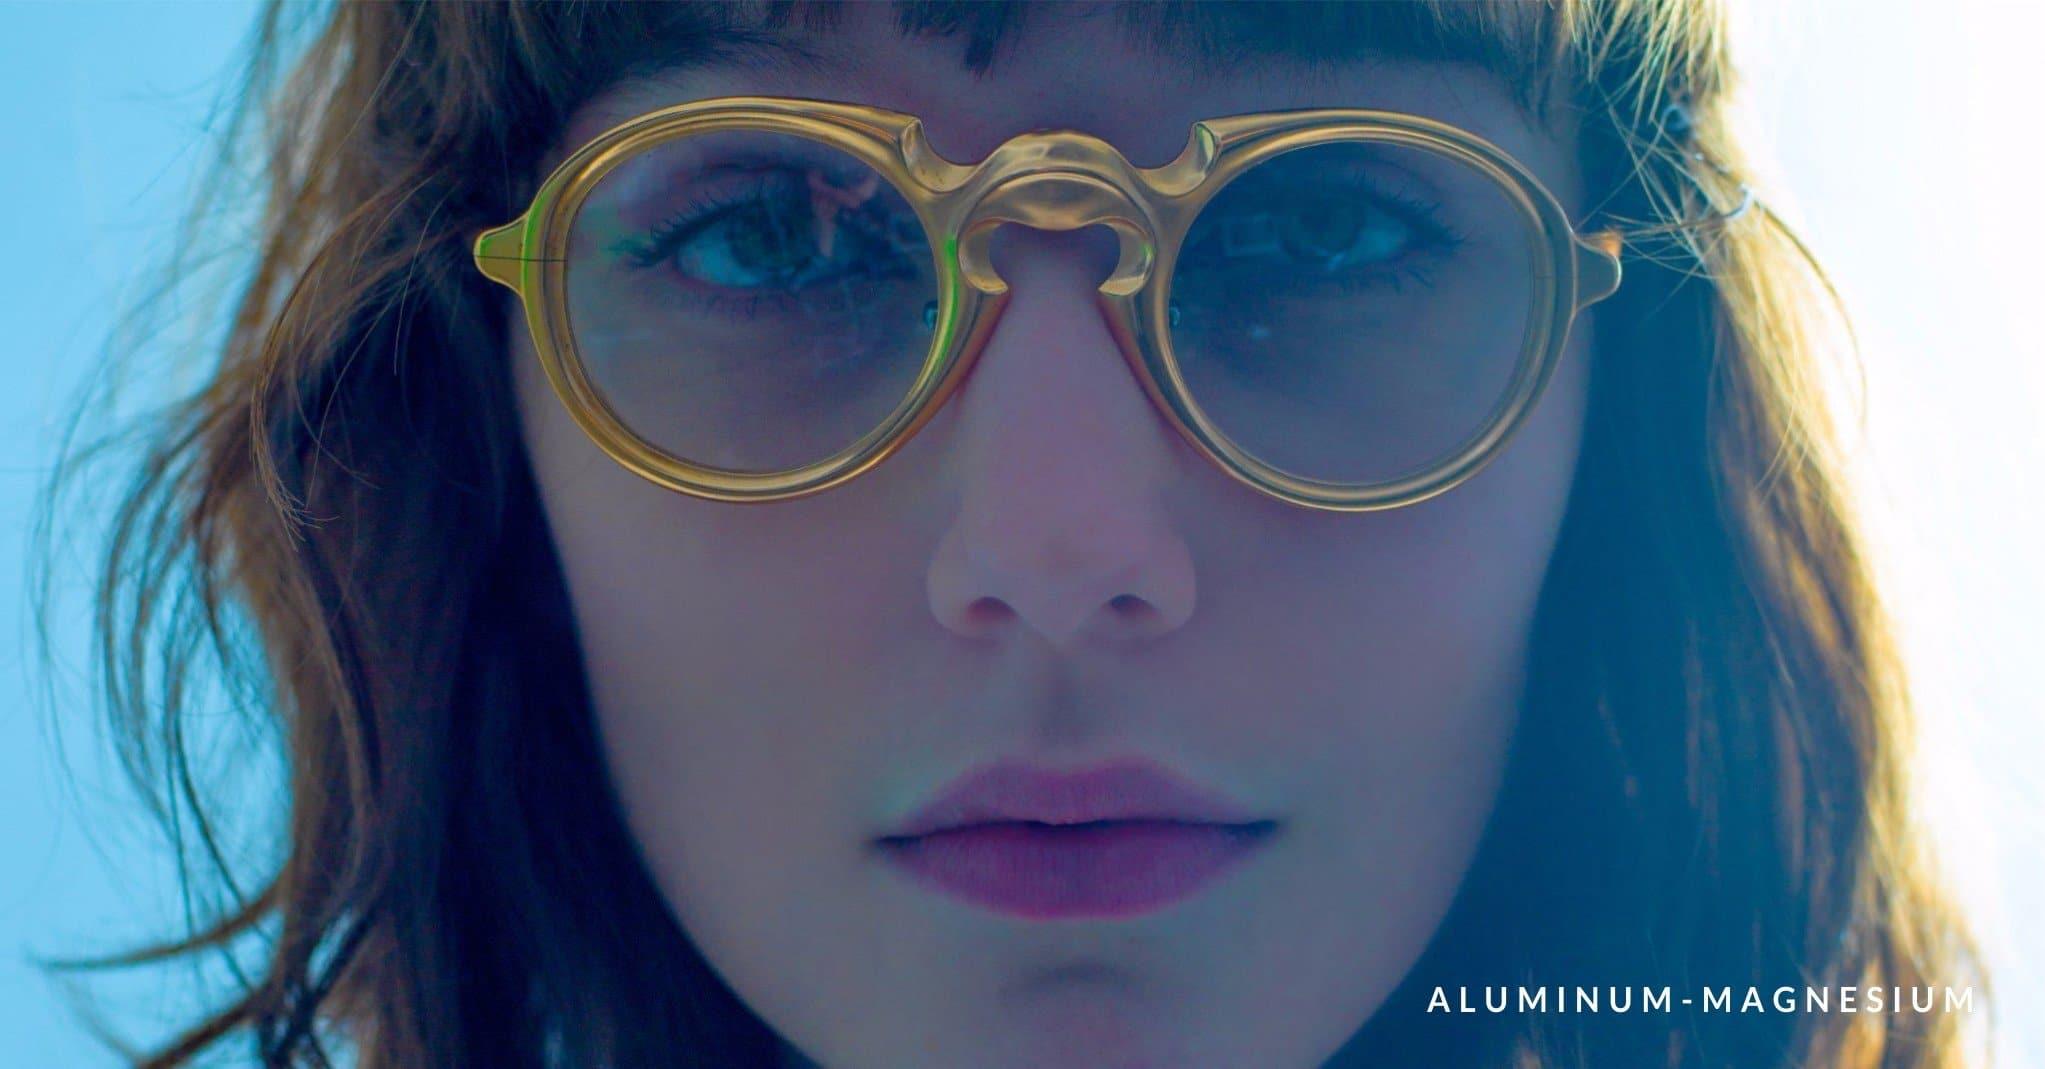 Occhiali RIGARDS: lo stile che unisce il presente al futuro